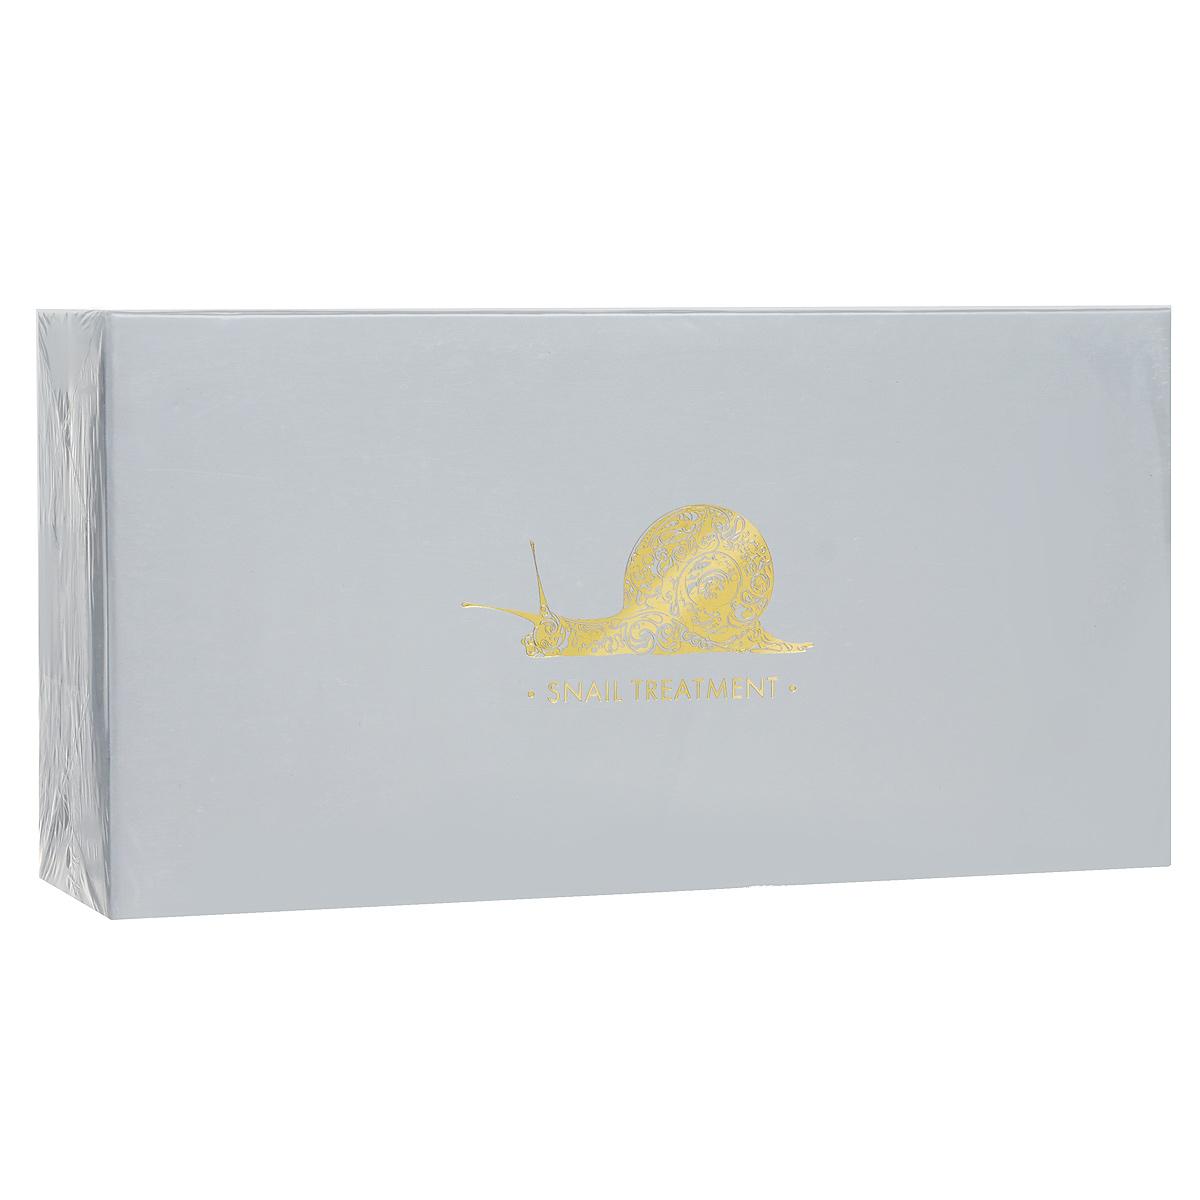 Beauty Style Смягчающая кислородная терапия для лица Snail Treatment, с молочком улитки4515601В состав набора для смягчающей кислородной терапии входят: Кислородная маска с молочком улитки Snail Smoothing Oxygenation Mask; Смягчающая сыворотка с молочком улитки Snail Smoothing Serum. Формулы препаратов включают фильтрат секрета улитки в максимальной концентрации, который обуславливает уникальную способность препаратов восстанавливать кожу на клеточном уровне. - Кислородная маска с молочком улитки Snail Smoothing Oxygenation Mask. Благодаря эксклюзивной формуле, кислородная маска активизирует процессы клеточного дыхания, стимулирует регенерацию и обменные процессы в клетках кожи, активизирует синтез коллагена и эластина. Маска не только насыщает влагой, но также оказывает успокаивающее действие, смягчает кожу, стимулирует процессы регенерации. Улучшает цвет лица и повышает тонус кожи, стимулирует процессы дыхания клеток, нейтрализует свободные радикалы, замедляя процессы старения. Входящие в состав аминокислоты...